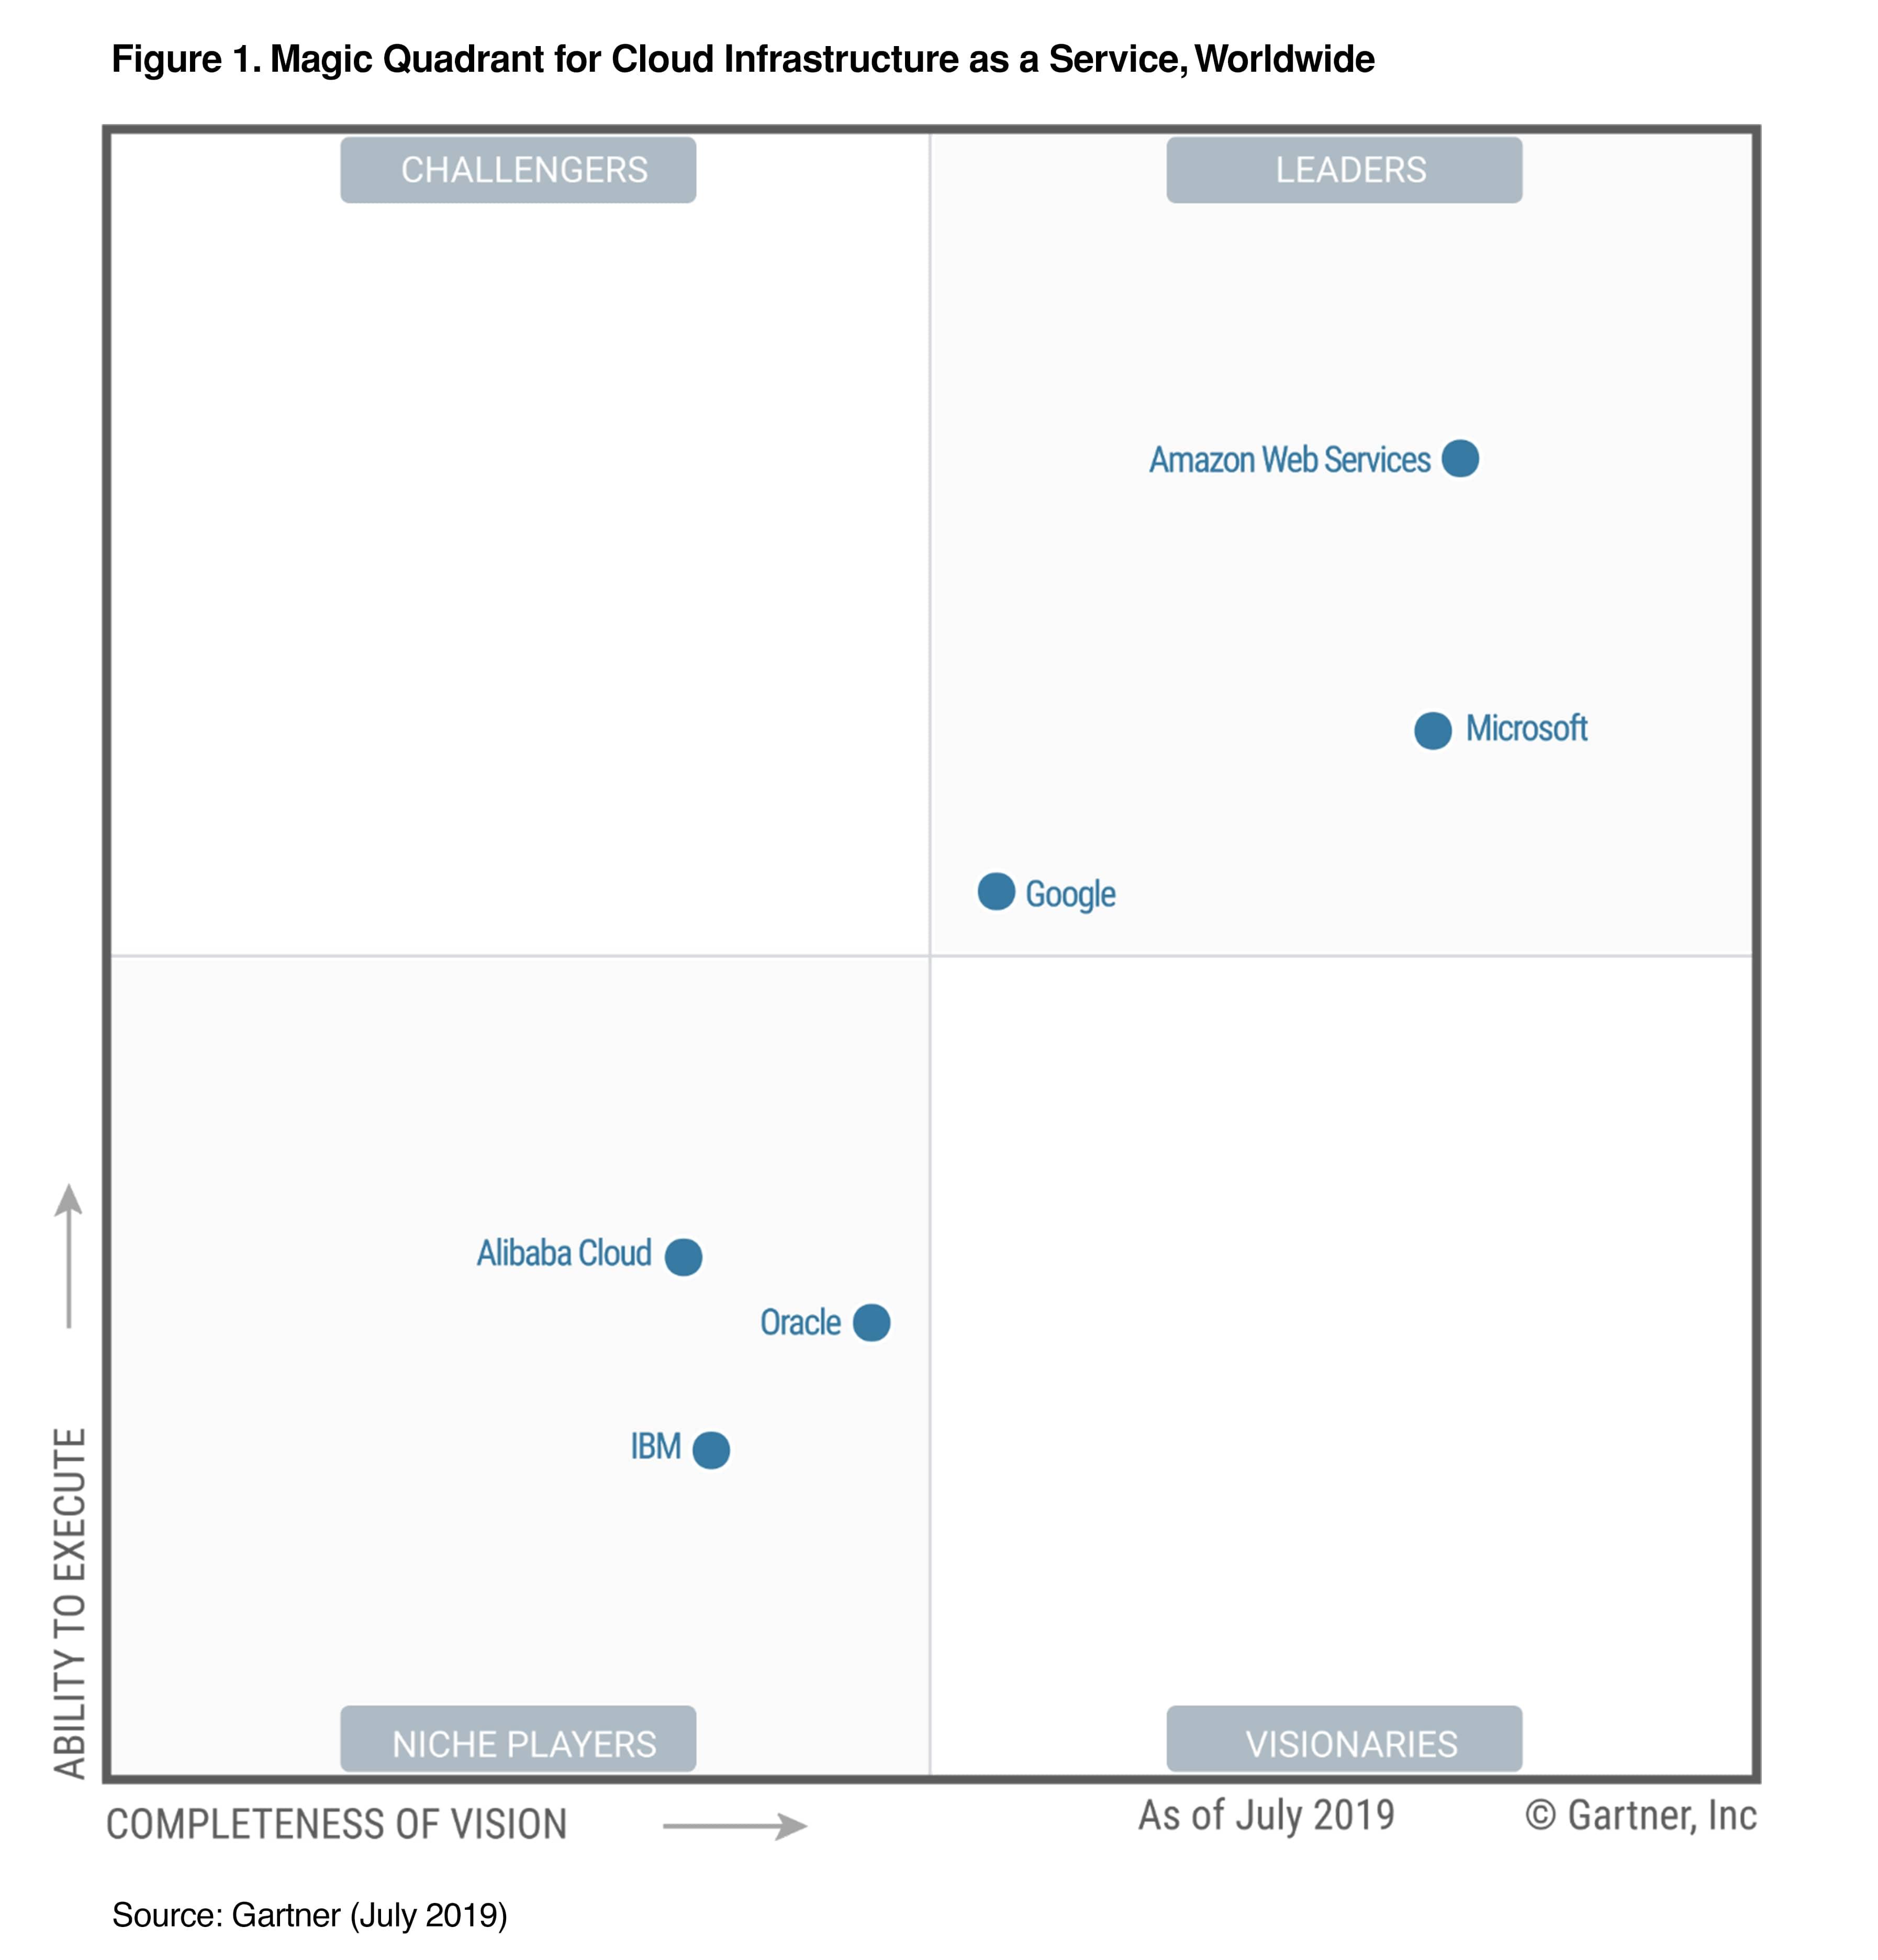 Quadrante Mágico da Gartner para Cloud Infrastructure as a Service